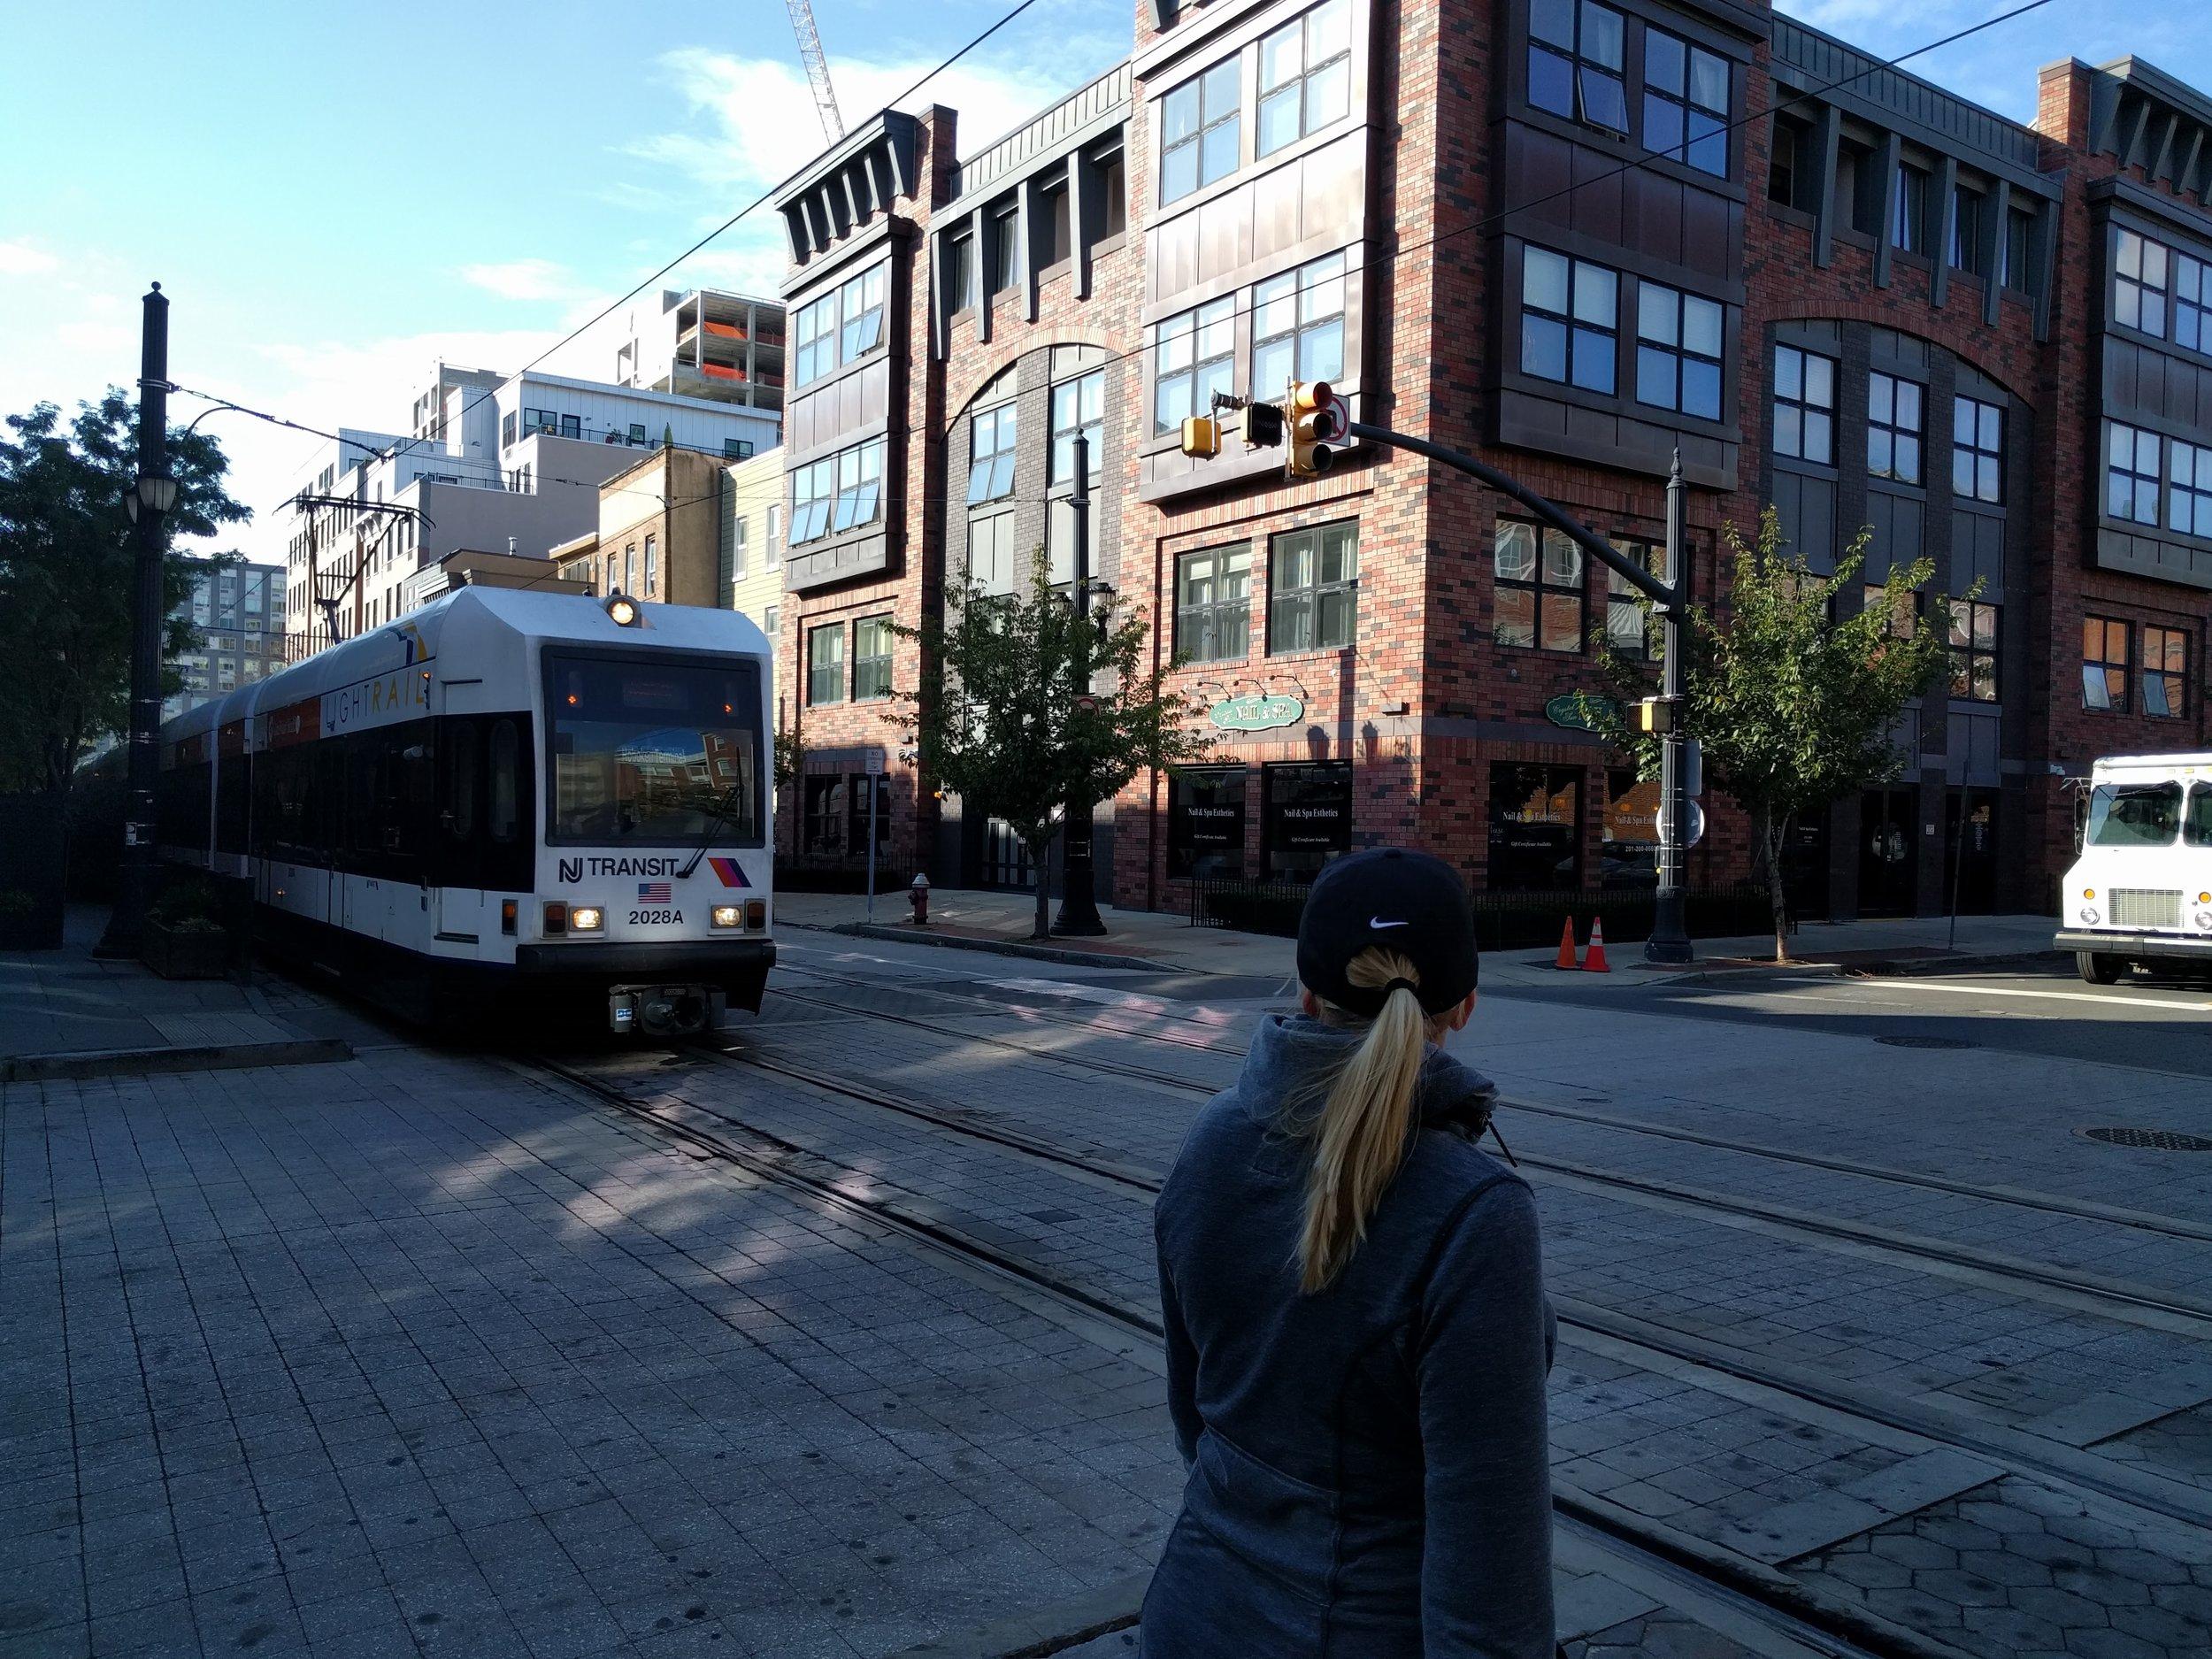 NY streetcars/transit.